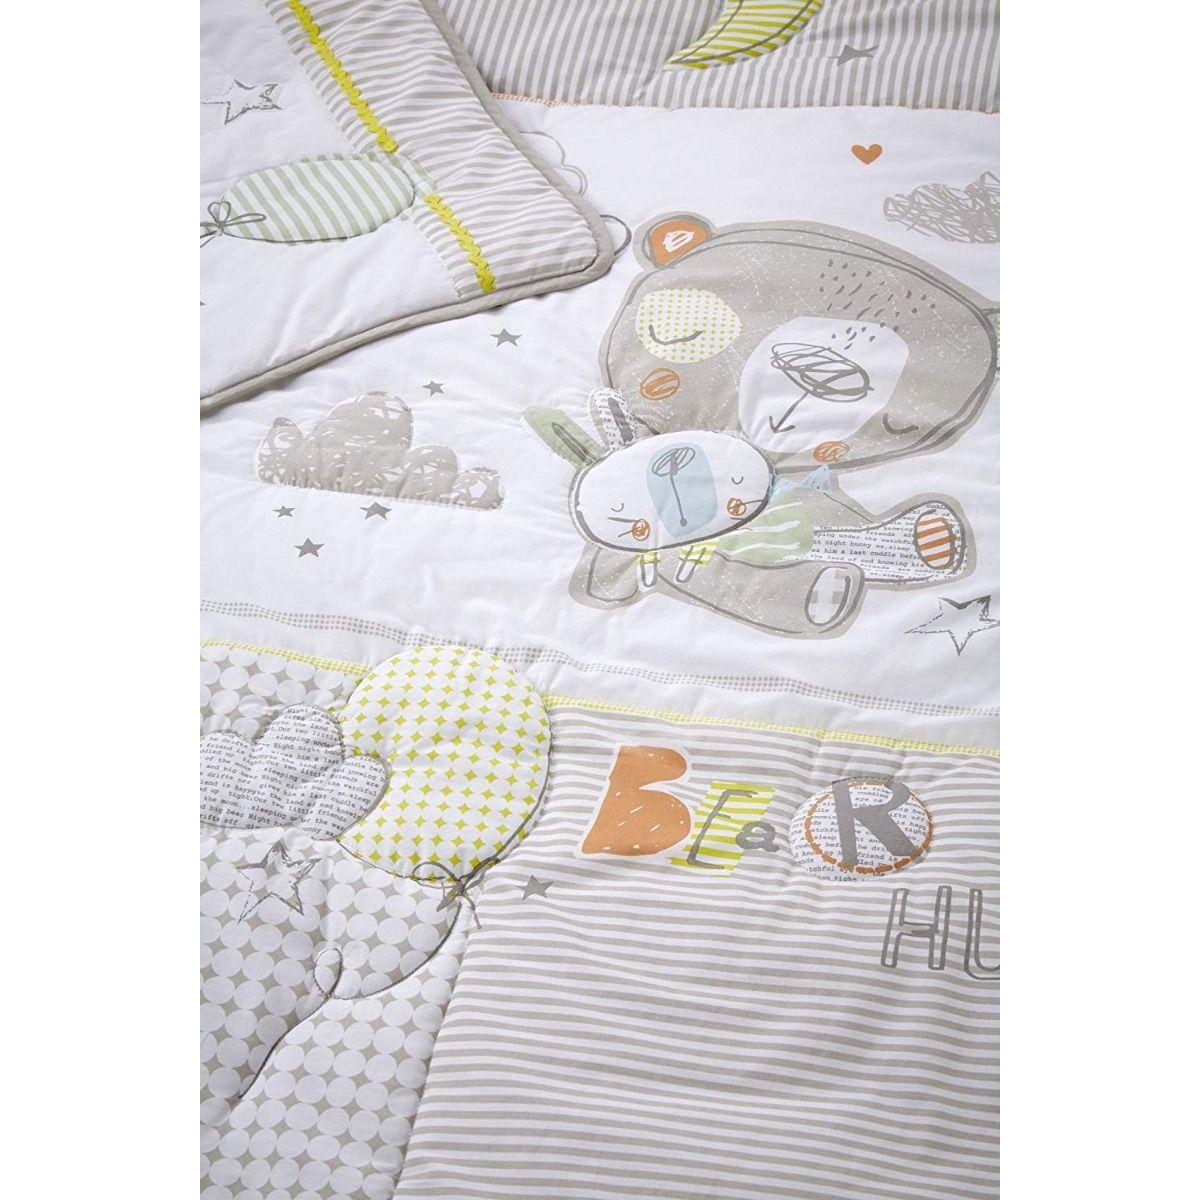 eSynic 10 pcs Montaje de Tuber/ía 1//2 BSP Estante de Pared de Soporte de Tuber/ía Met/álica 10 Bridas de Tuber/ía de Fundici/ón Maleable para 65mm con 3 Orificios Decoraci/ón Estilo Industrial Vintage